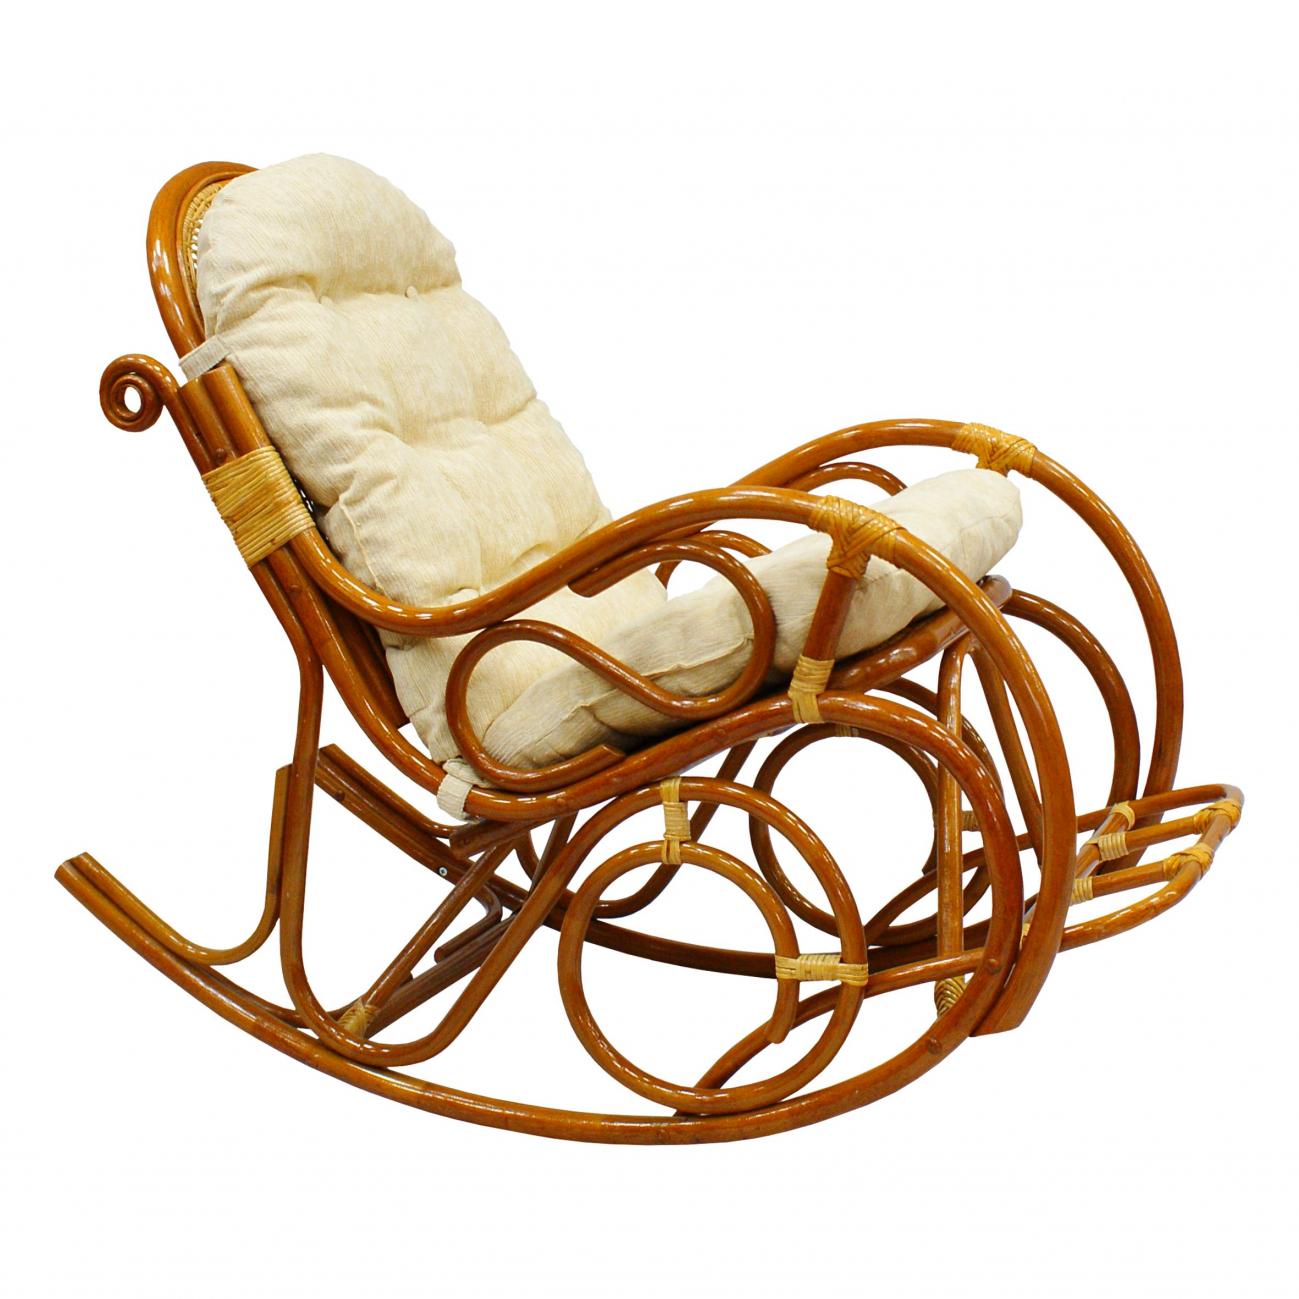 Купить Кресло-качалка Indo Classik (бежевый) в интернет магазине дизайнерской мебели и аксессуаров для дома и дачи